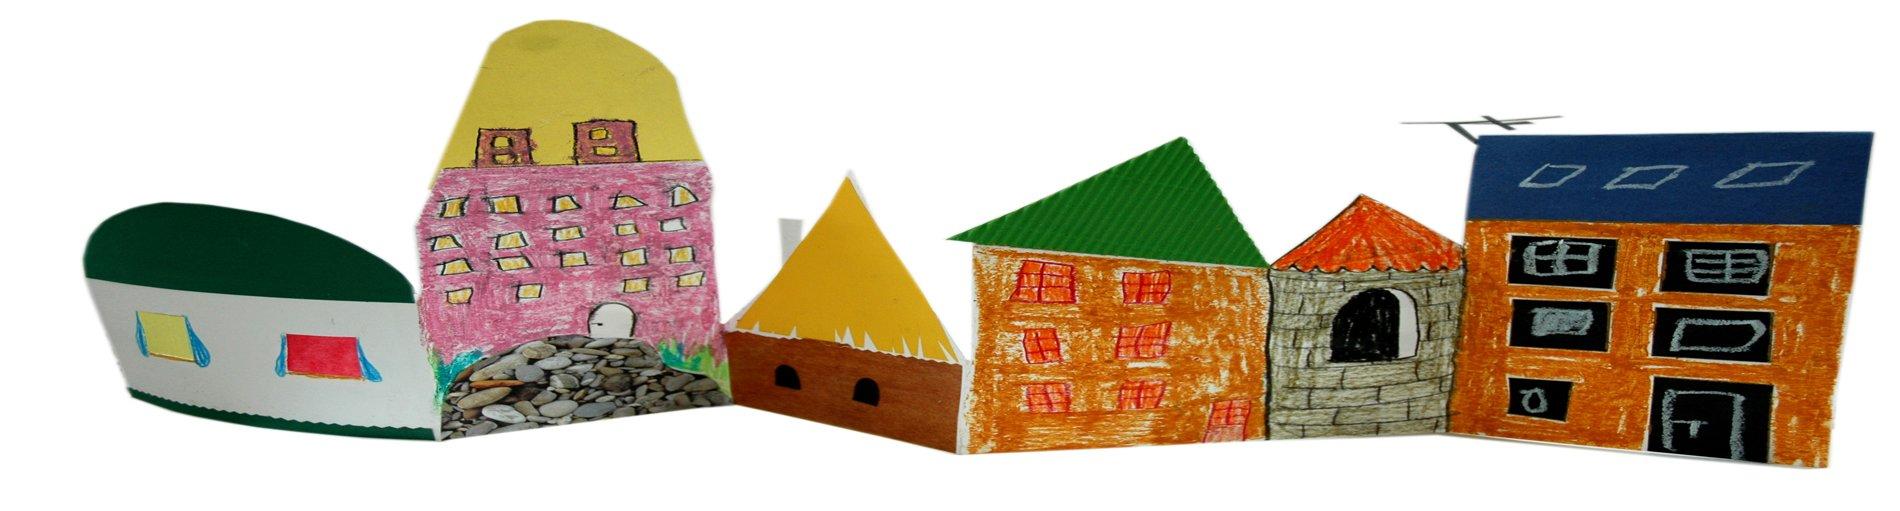 Selbstgemalte, ausgeschnittene bunte Häuserreihe.